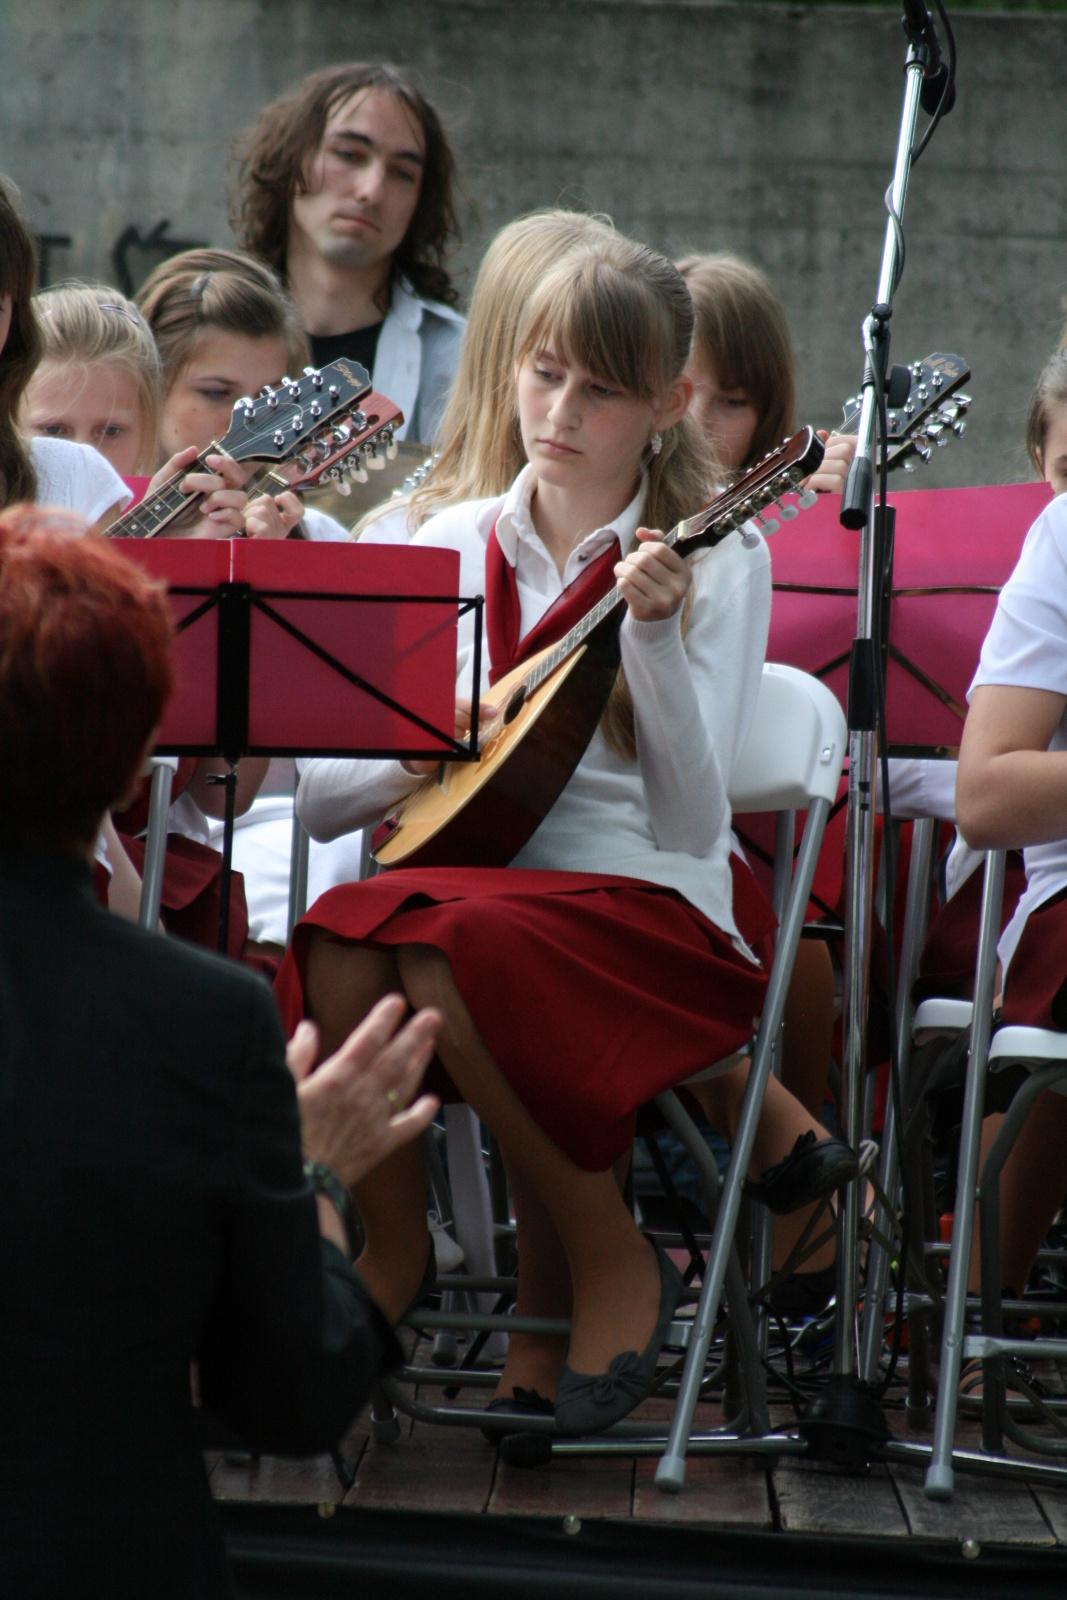 mandolinovy-subor-ziarinka-12